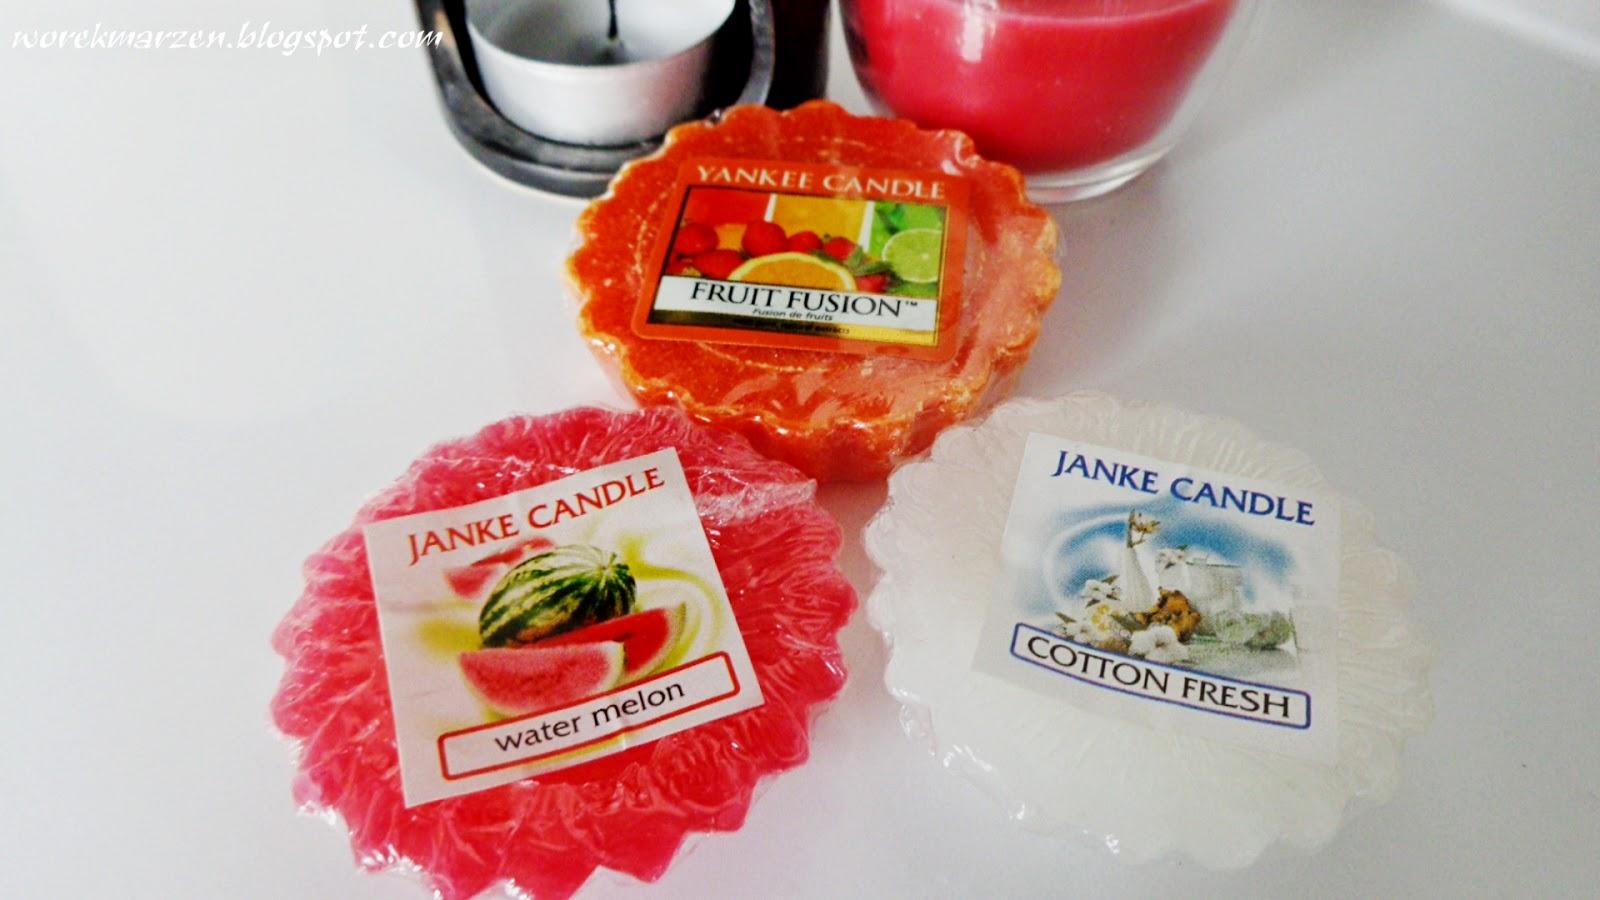 Janke Candle